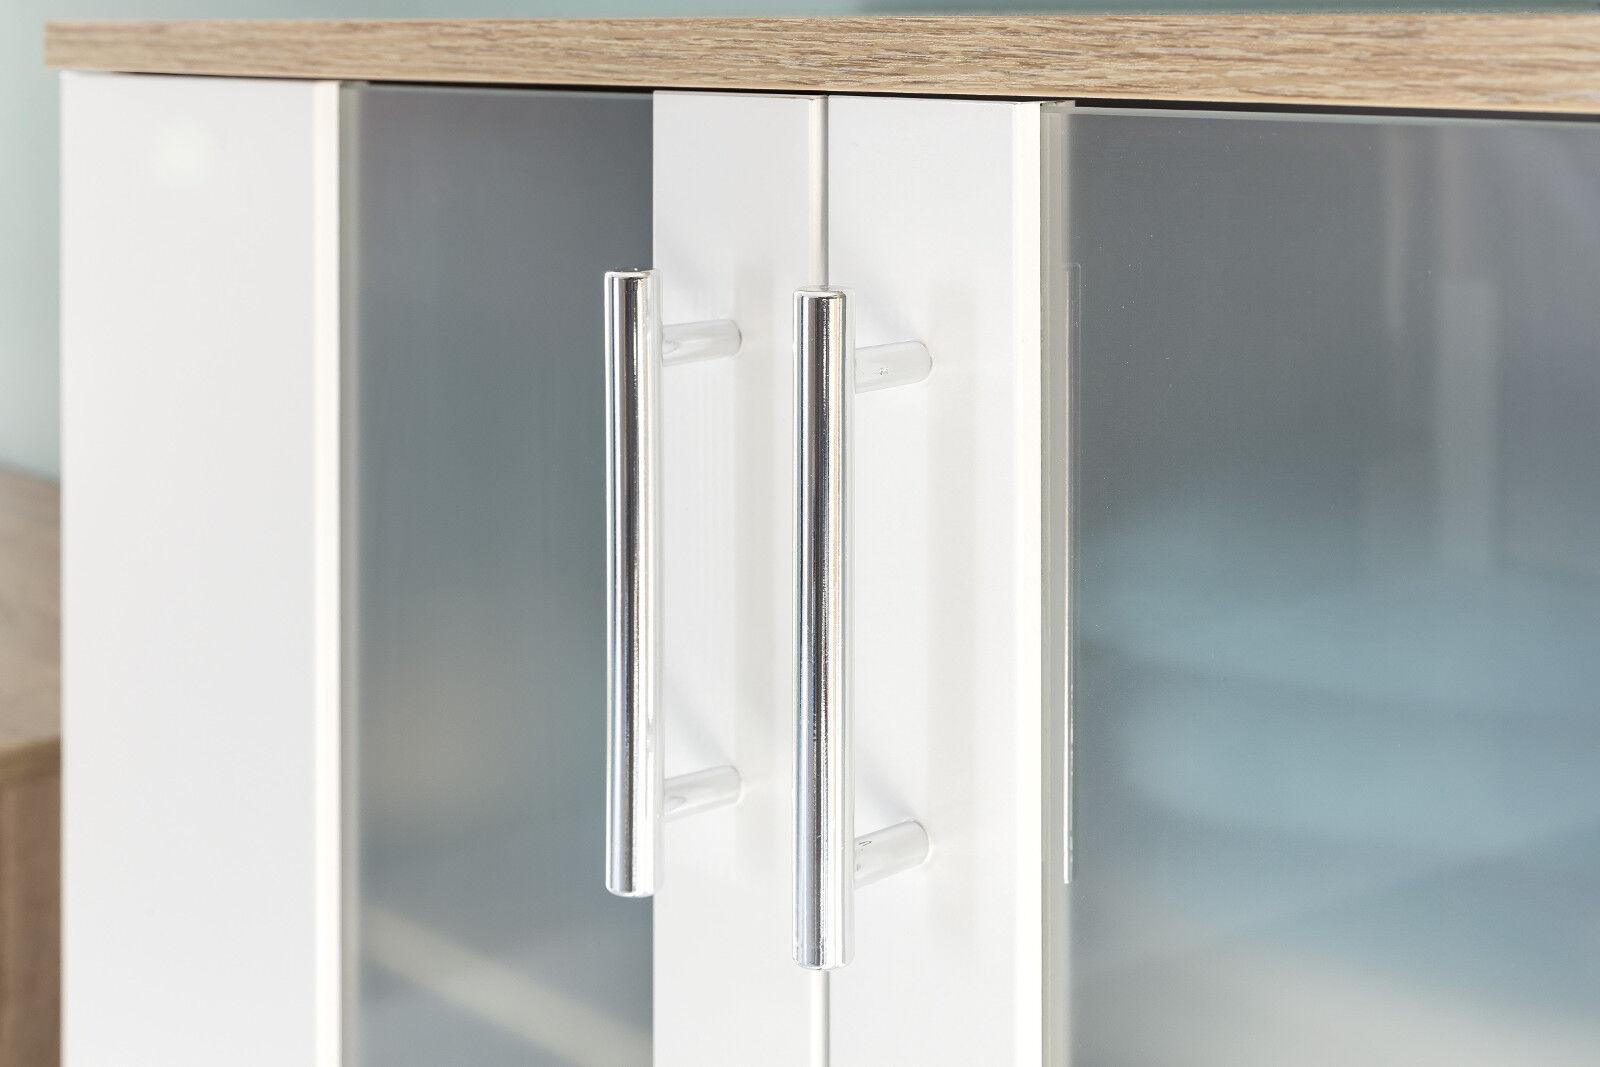 badschrank hochschrank wei eiche s gerau 2 t rig badm bel glas satiniert porto eur 129 00. Black Bedroom Furniture Sets. Home Design Ideas